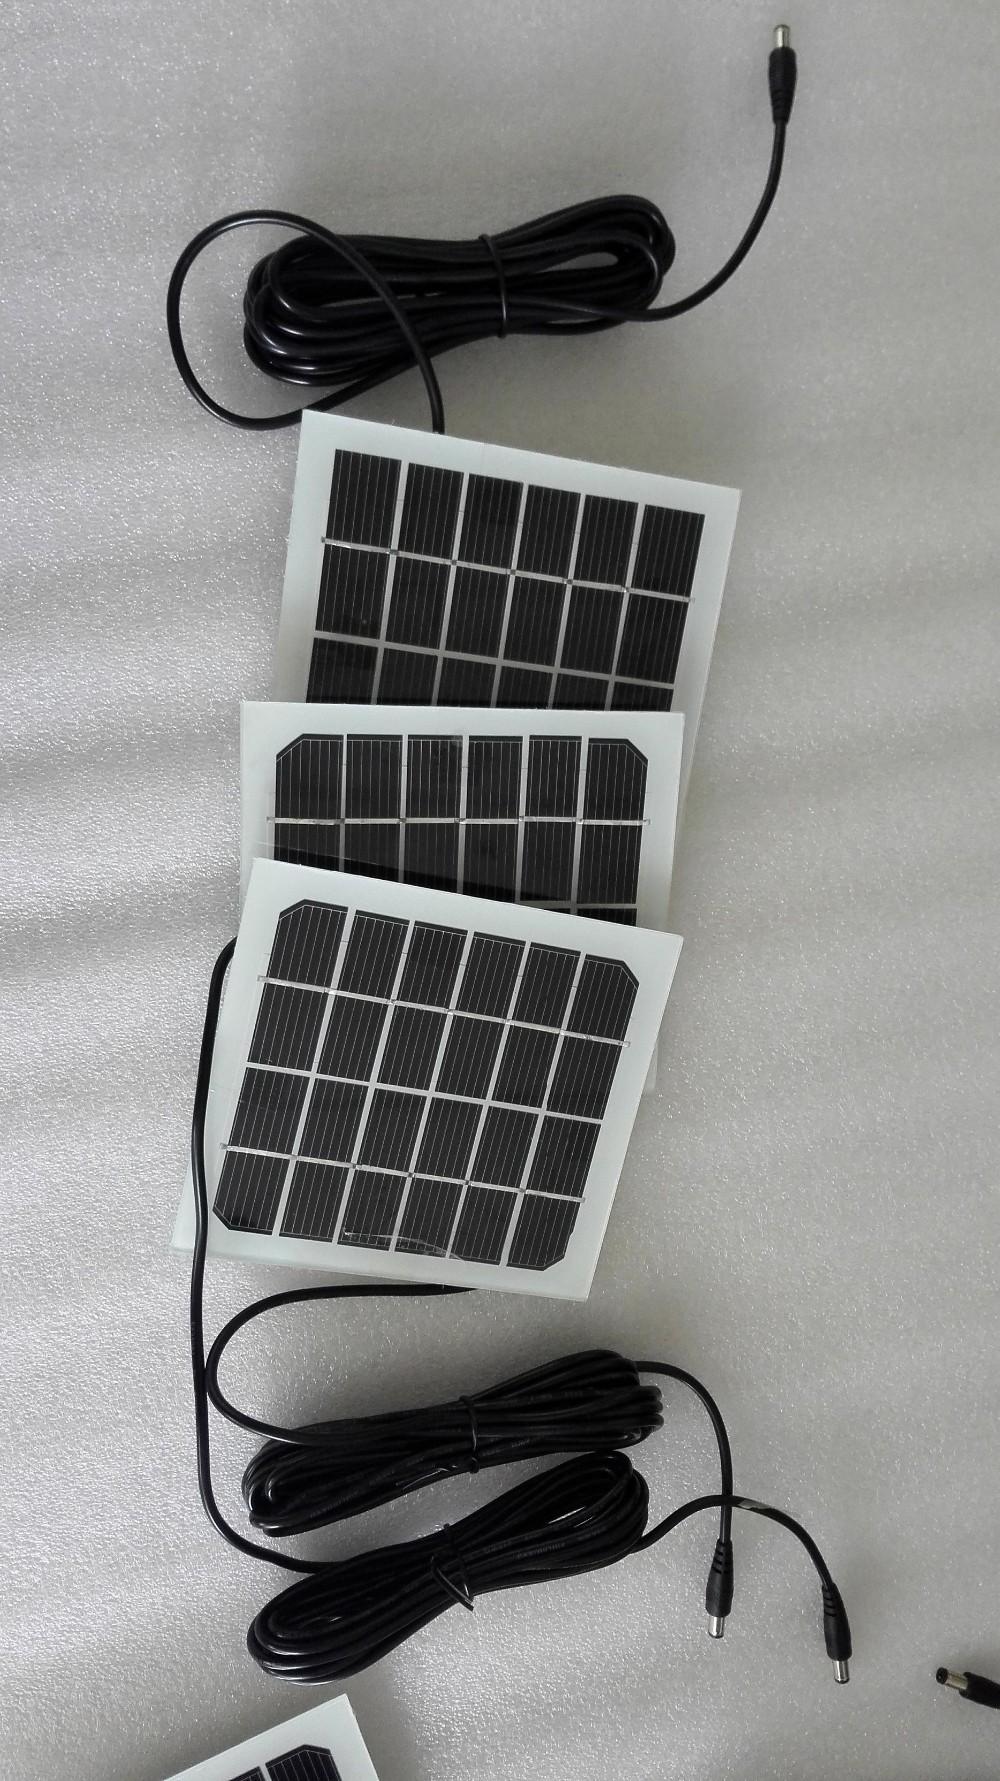 Frameless Mini Pv Solar Panel Lam Solar Panel Led Lighting